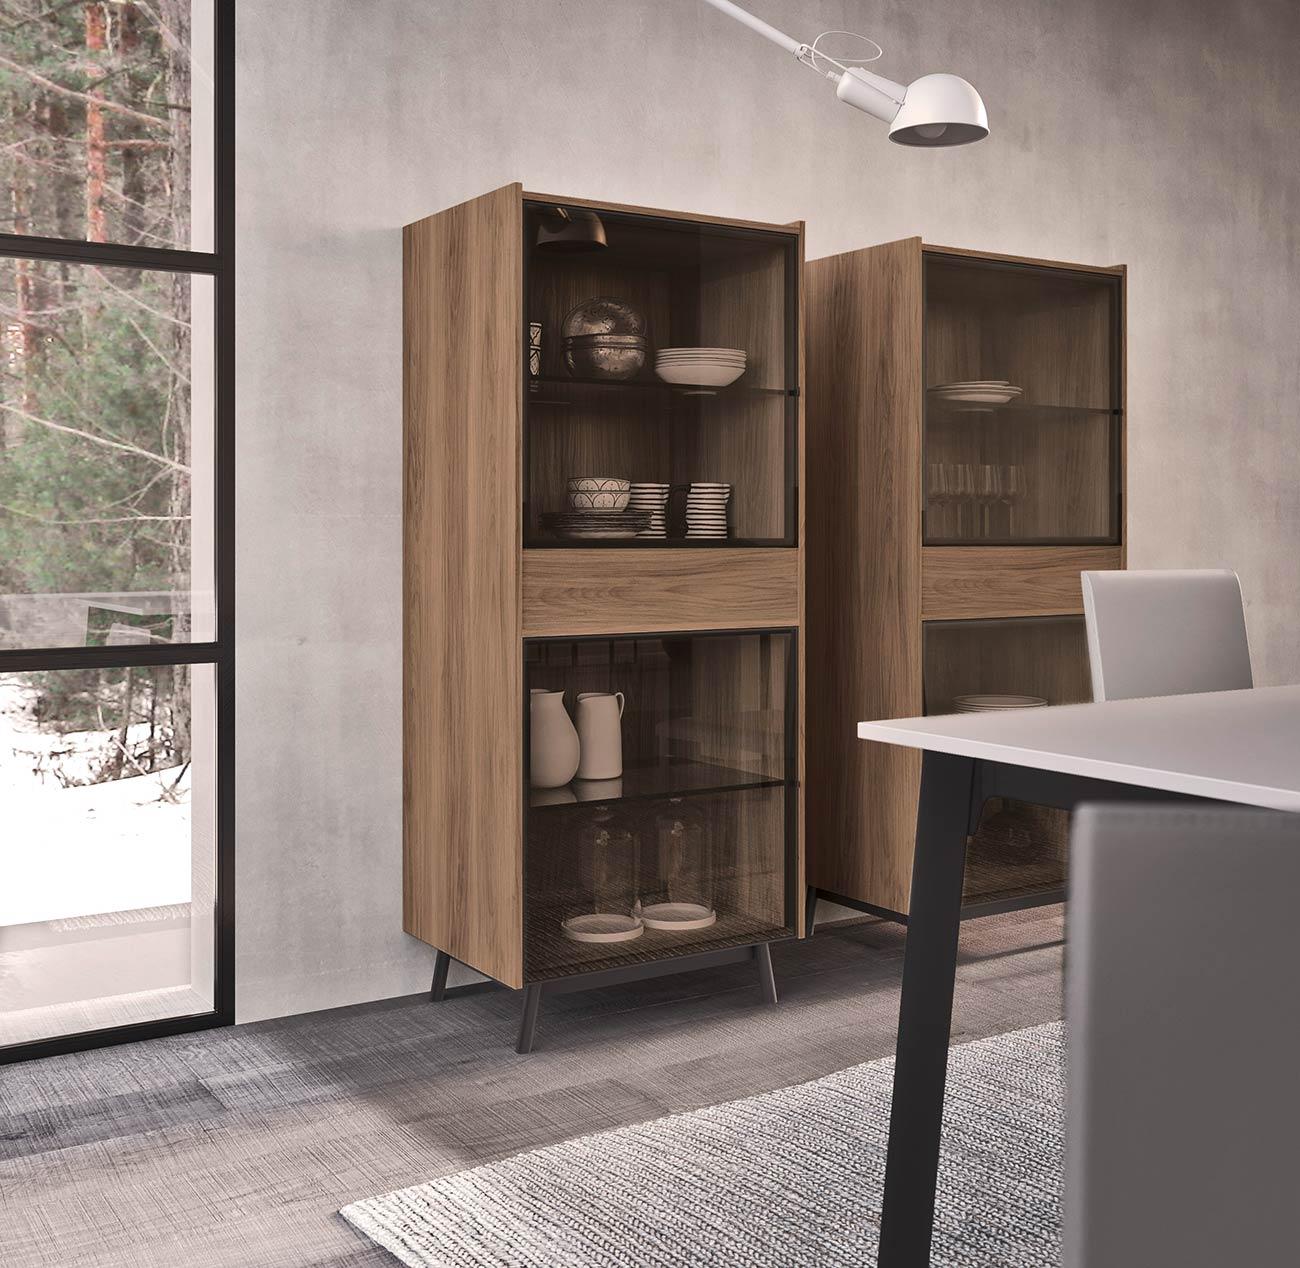 Madia Glamour per un Soggiorno di Design | MAB Home Furniture